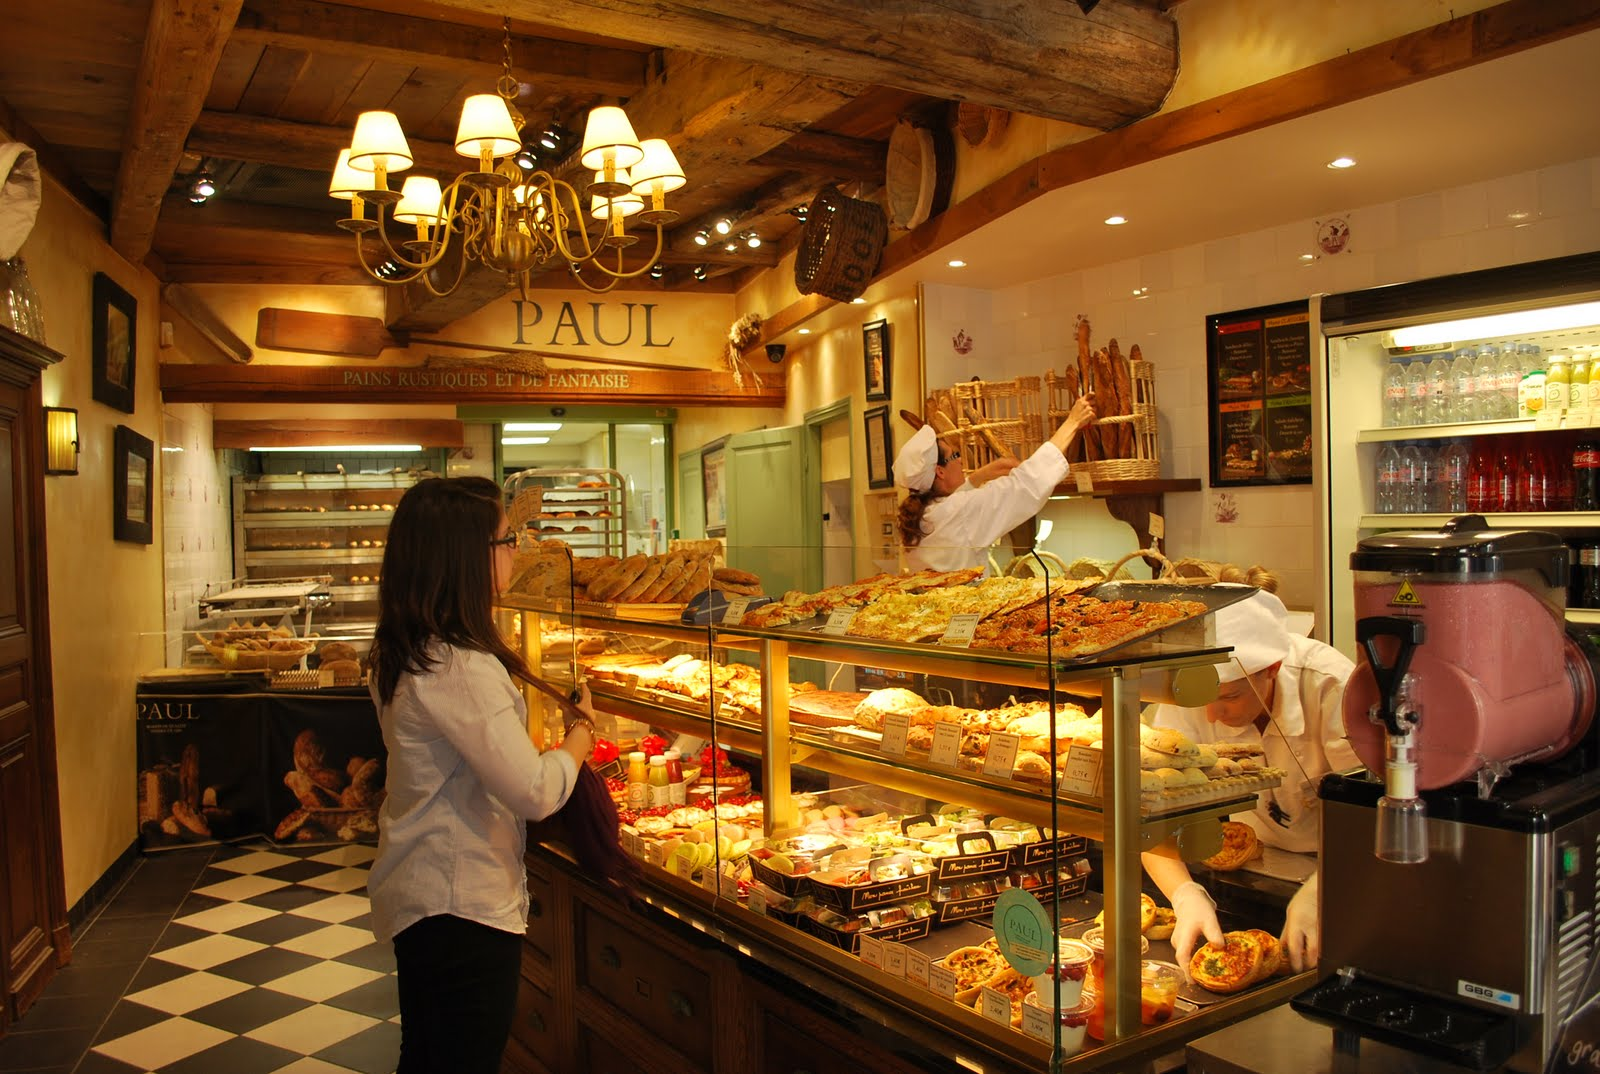 Baker St Cafe Hours